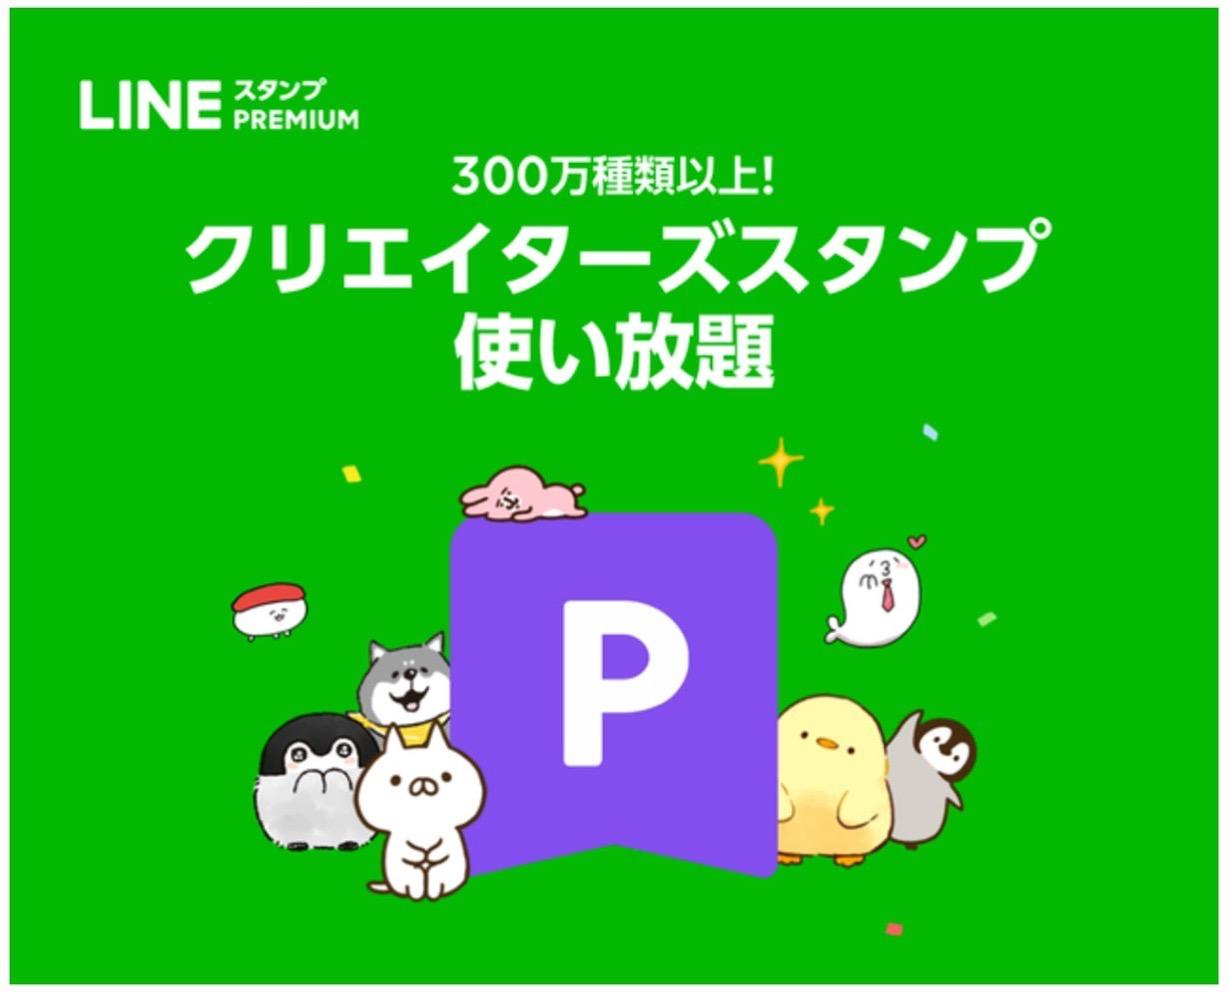 LINE、iOS版でもLINEスタンプの定額制サービス「LINEスタンプ プレミアム」を提供開始 ー 月額240円、30日間の無料体験あり